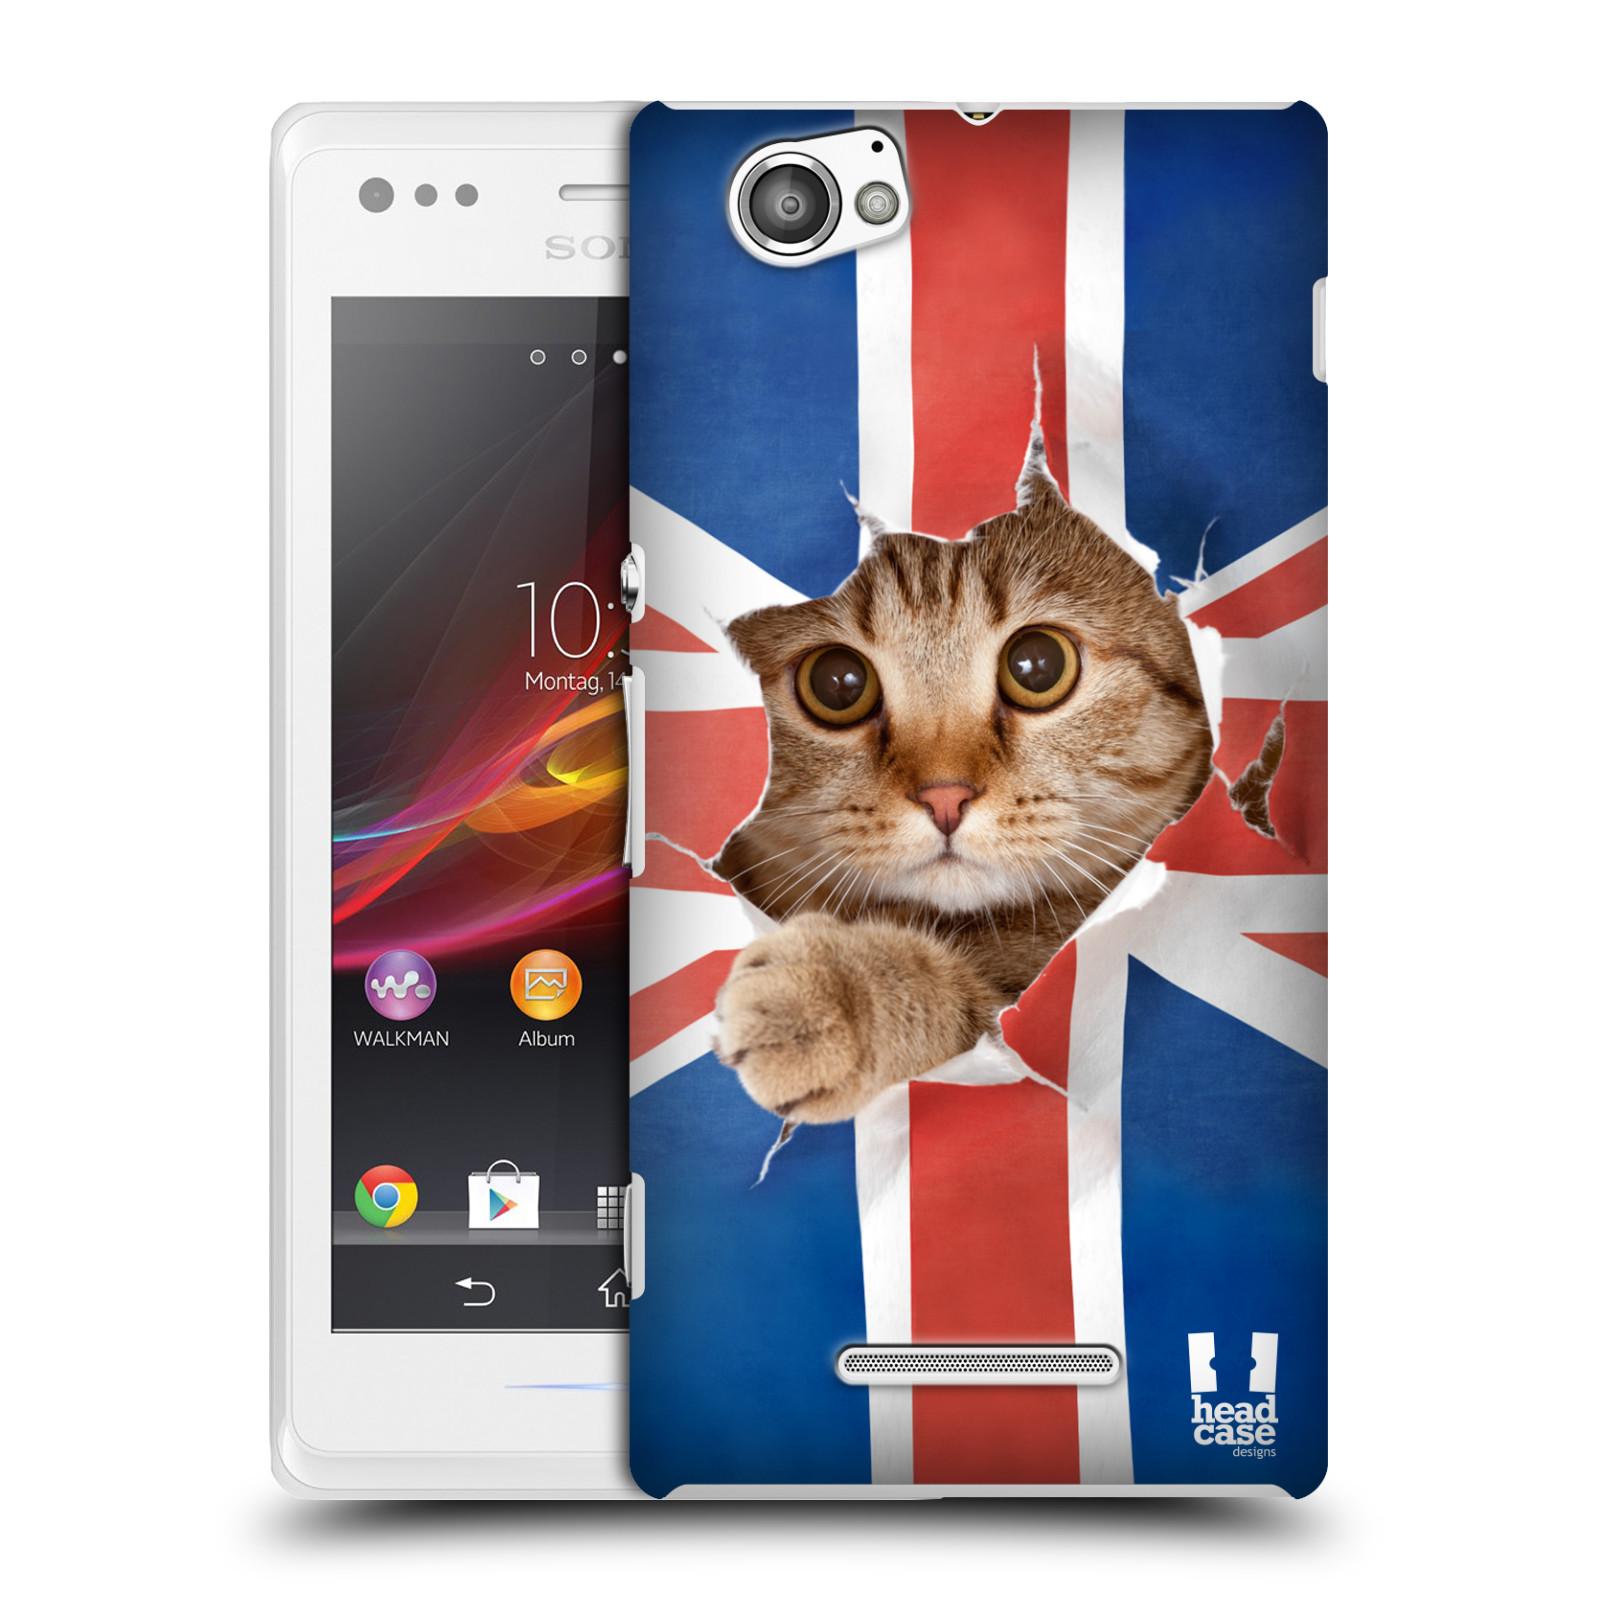 Plastové pouzdro na mobil Sony Xperia M C1905 HEAD CASE KOČKA A VLAJKA (Kryt či obal na mobilní telefon Sony Xperia M a M Dual)